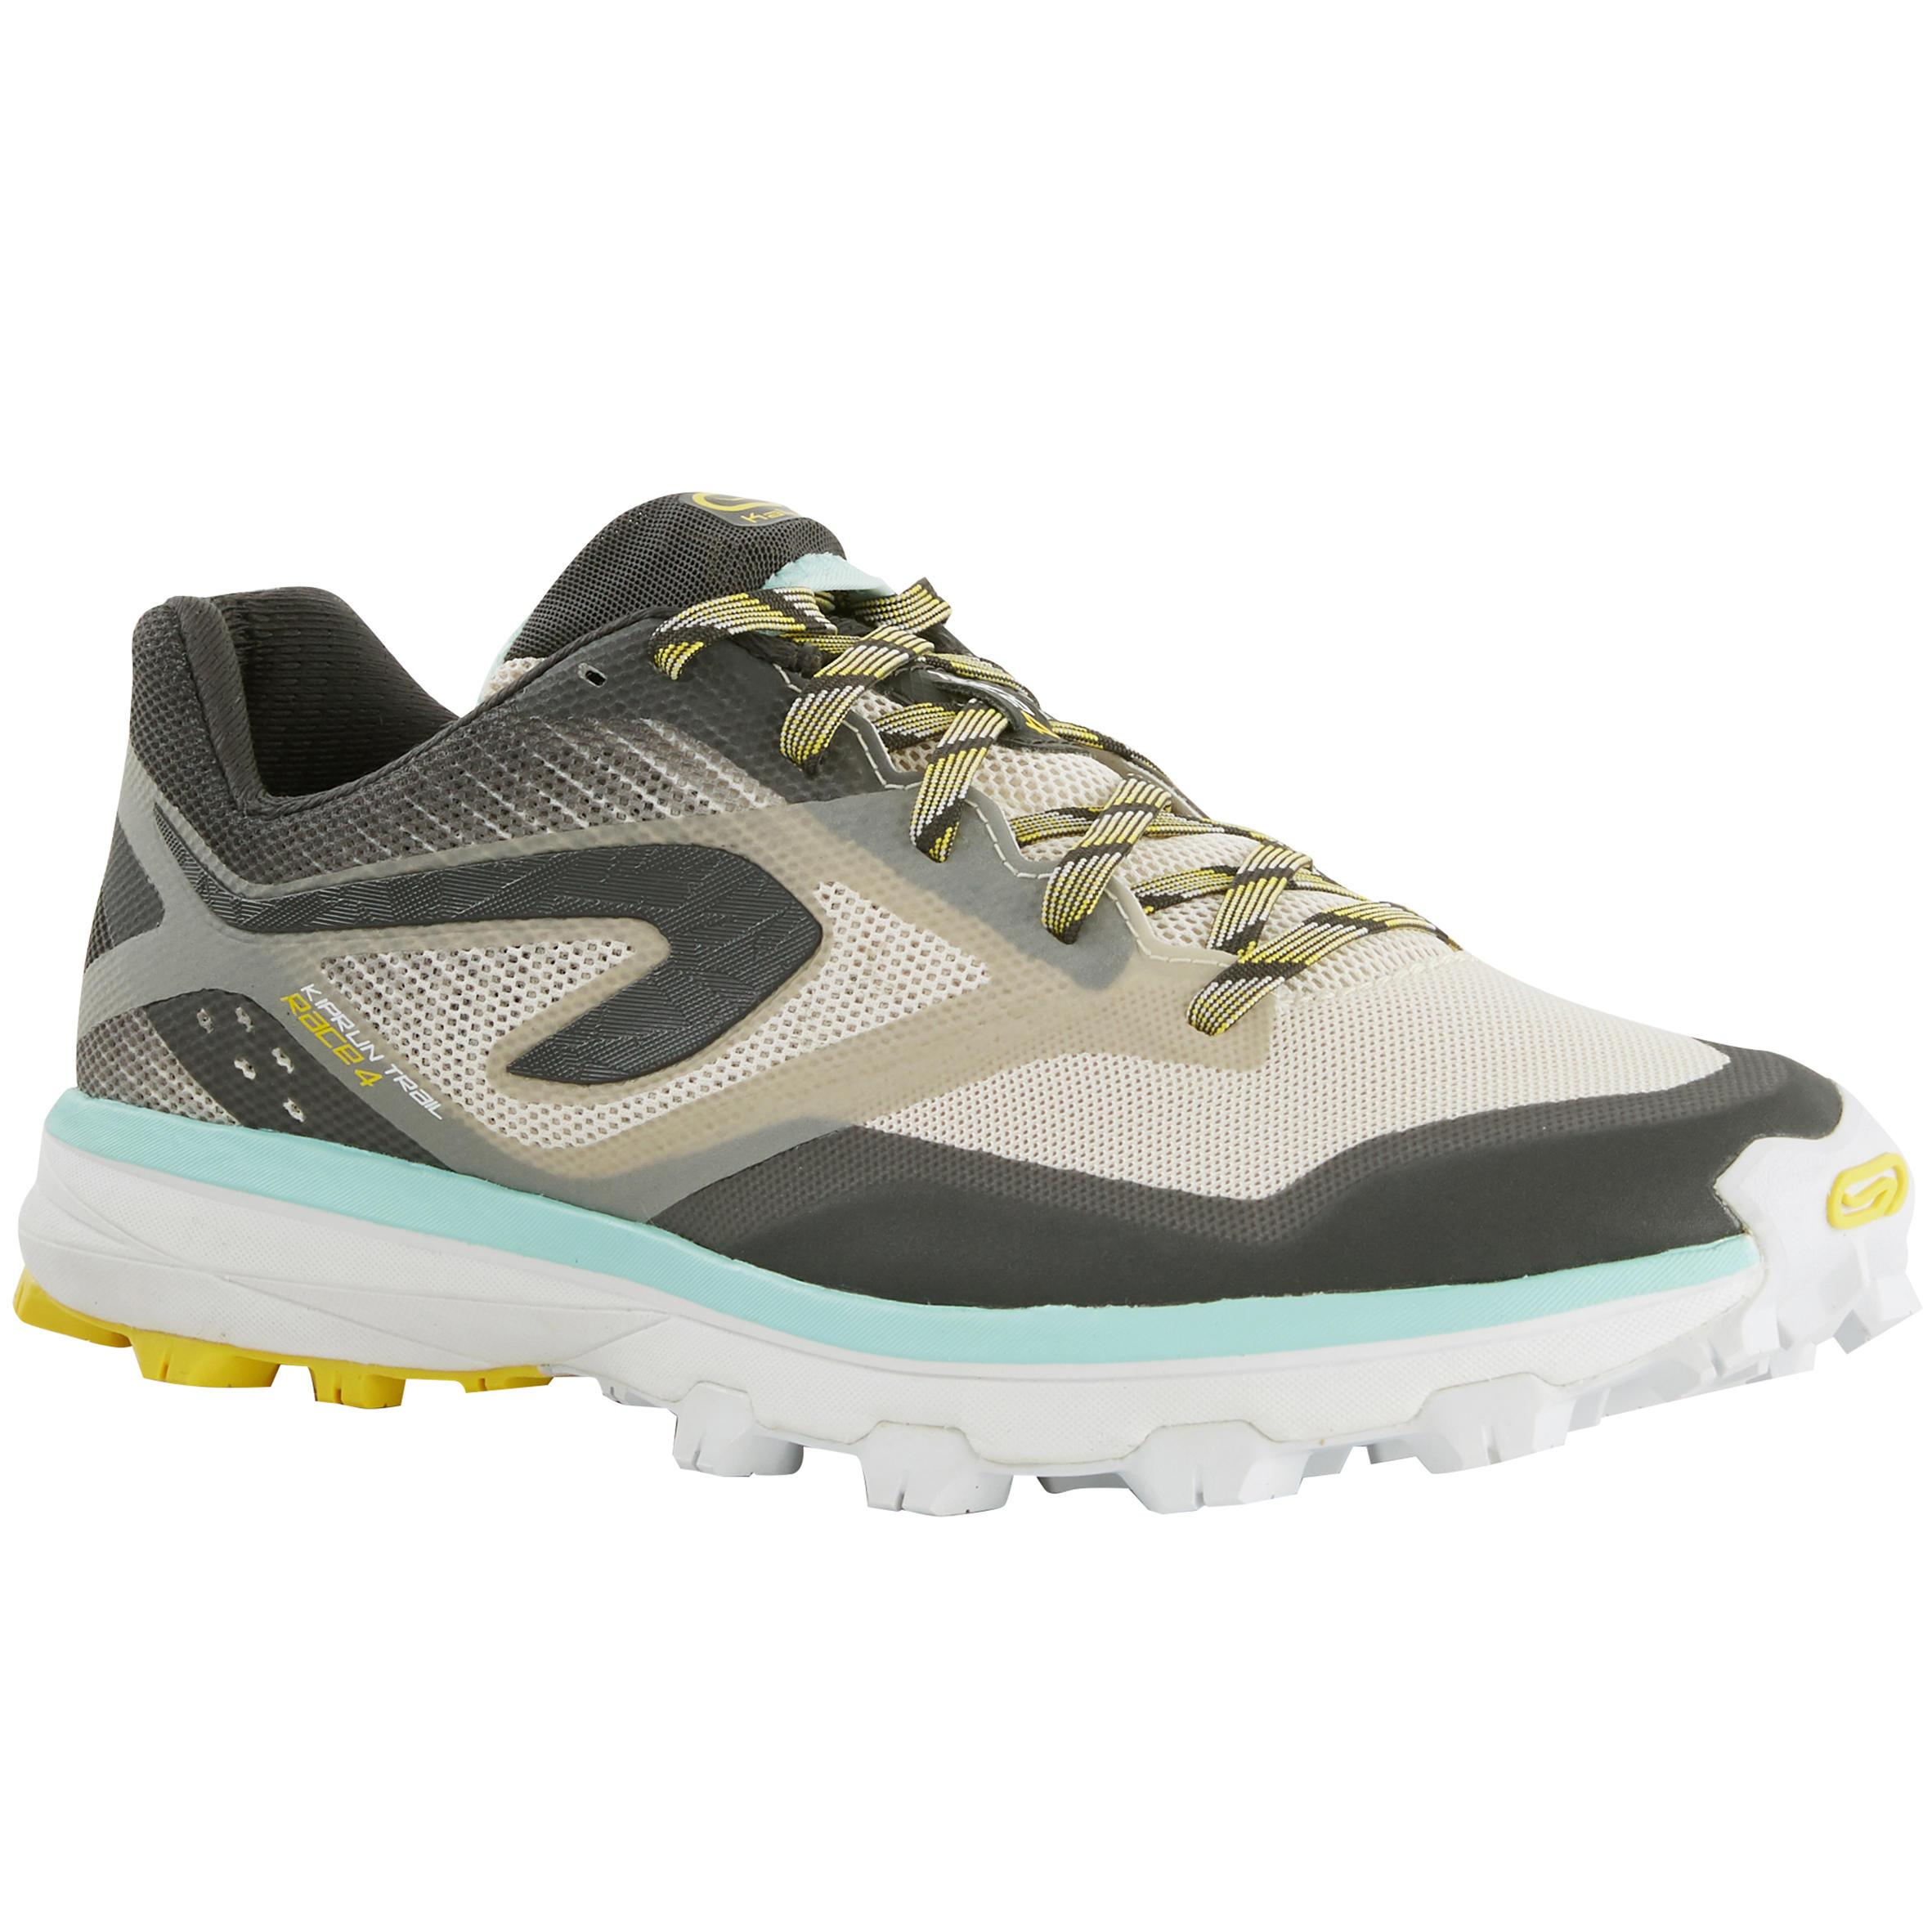 Kalenji Trailschoenen voor heren Kiprun Race 4 dames grijs/geel